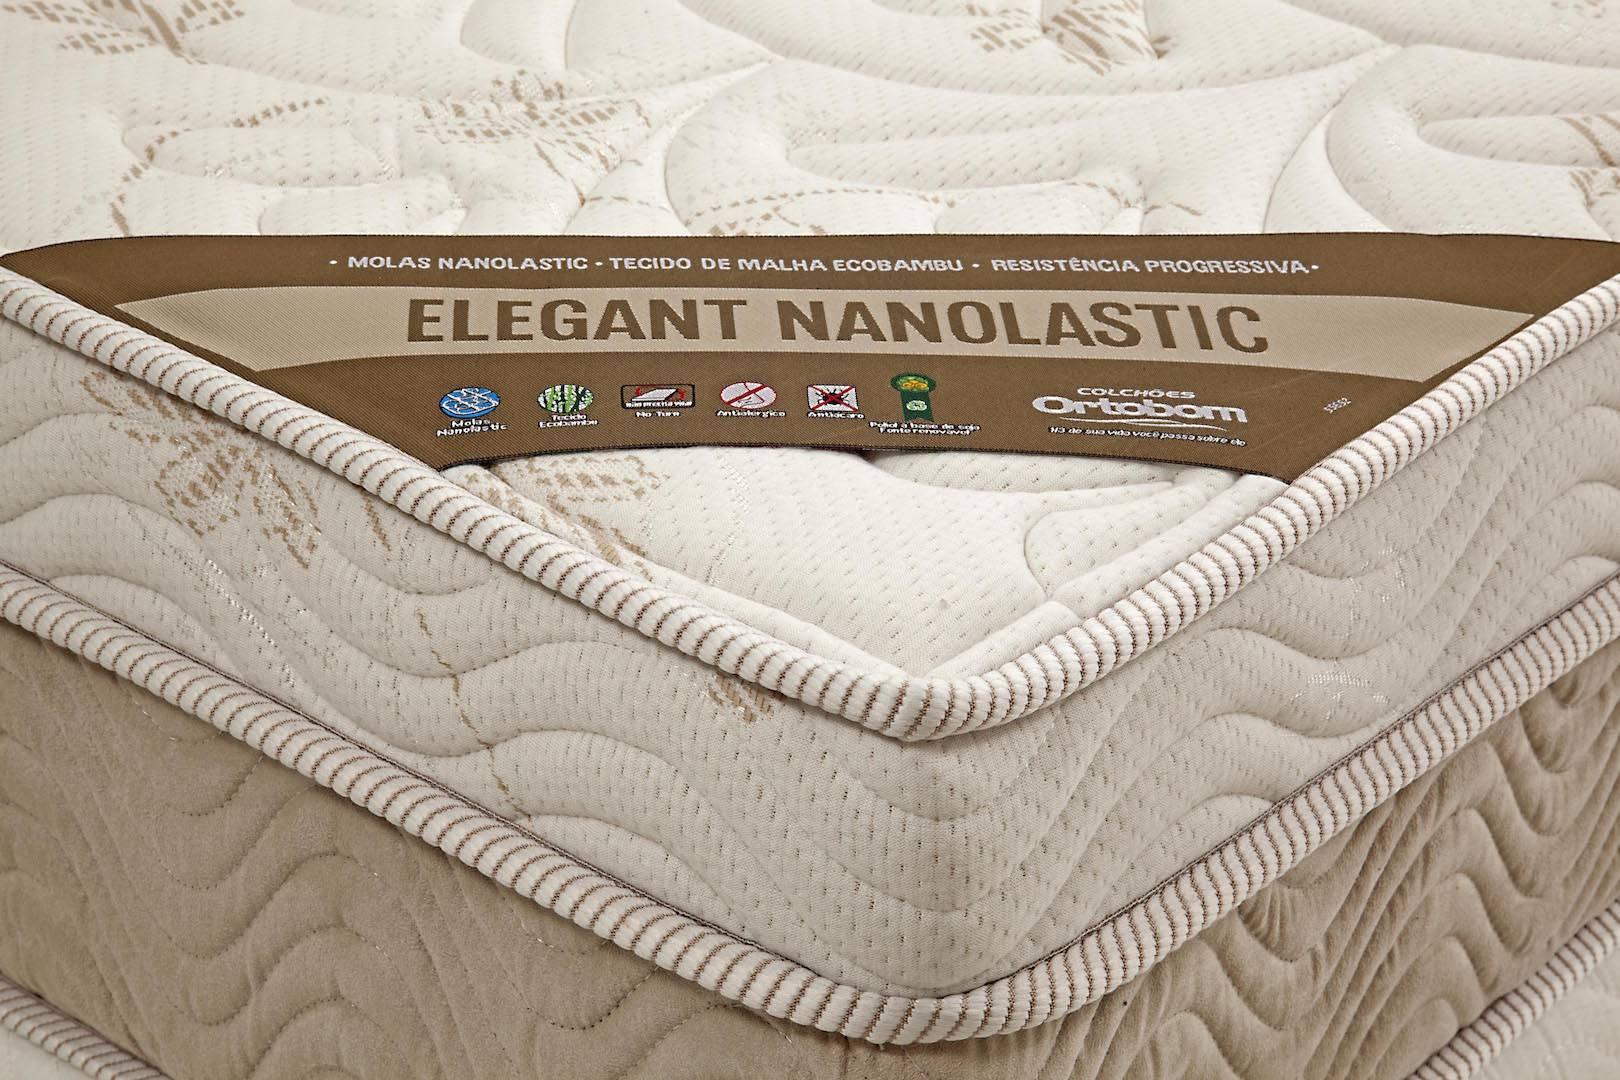 Colchao Elegant Nanolastic King 186 cm (LARG) Creme e Branco - 42567